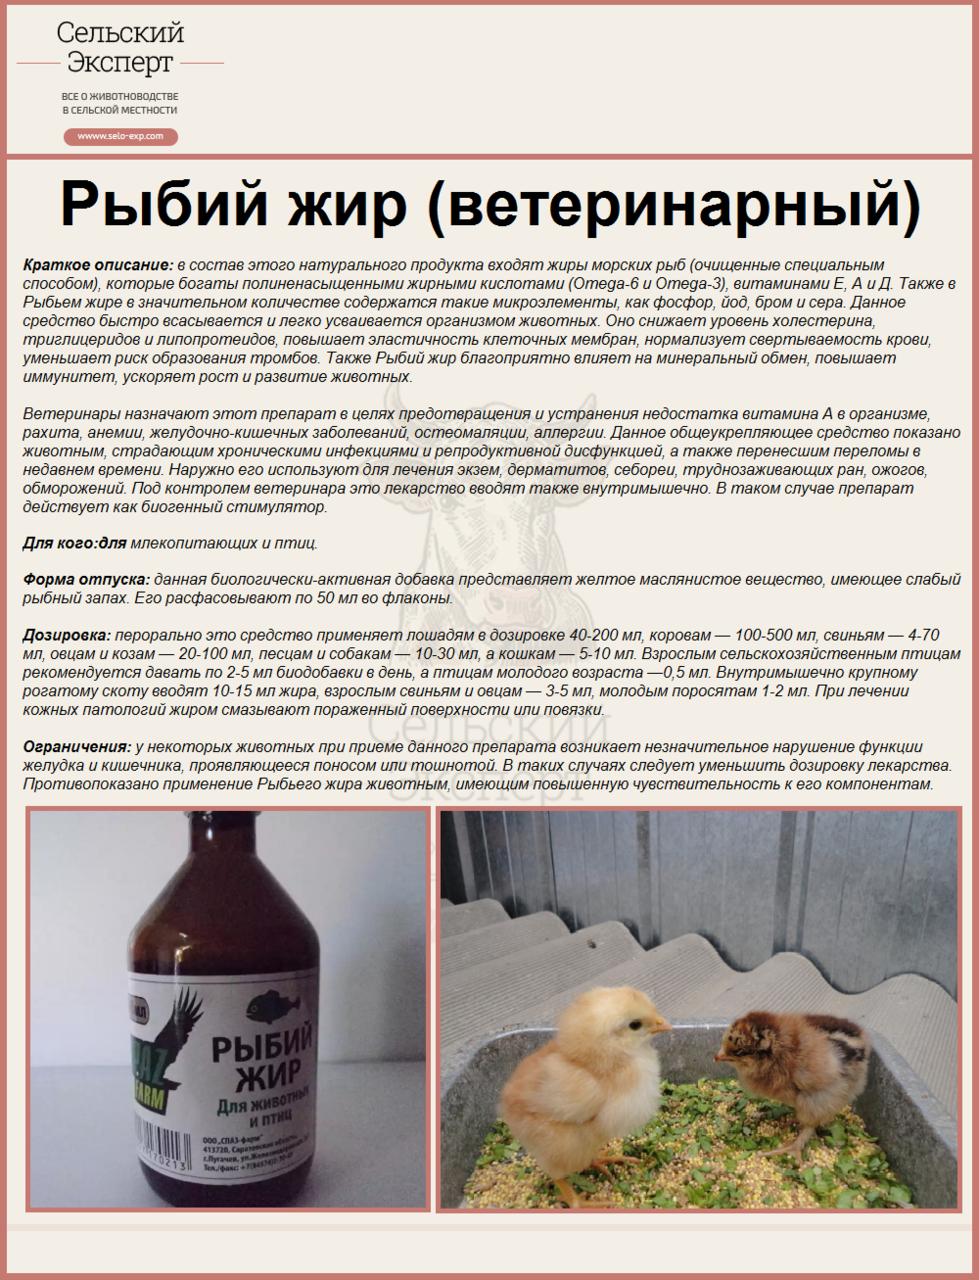 Рыбий жир (ветеринарный)